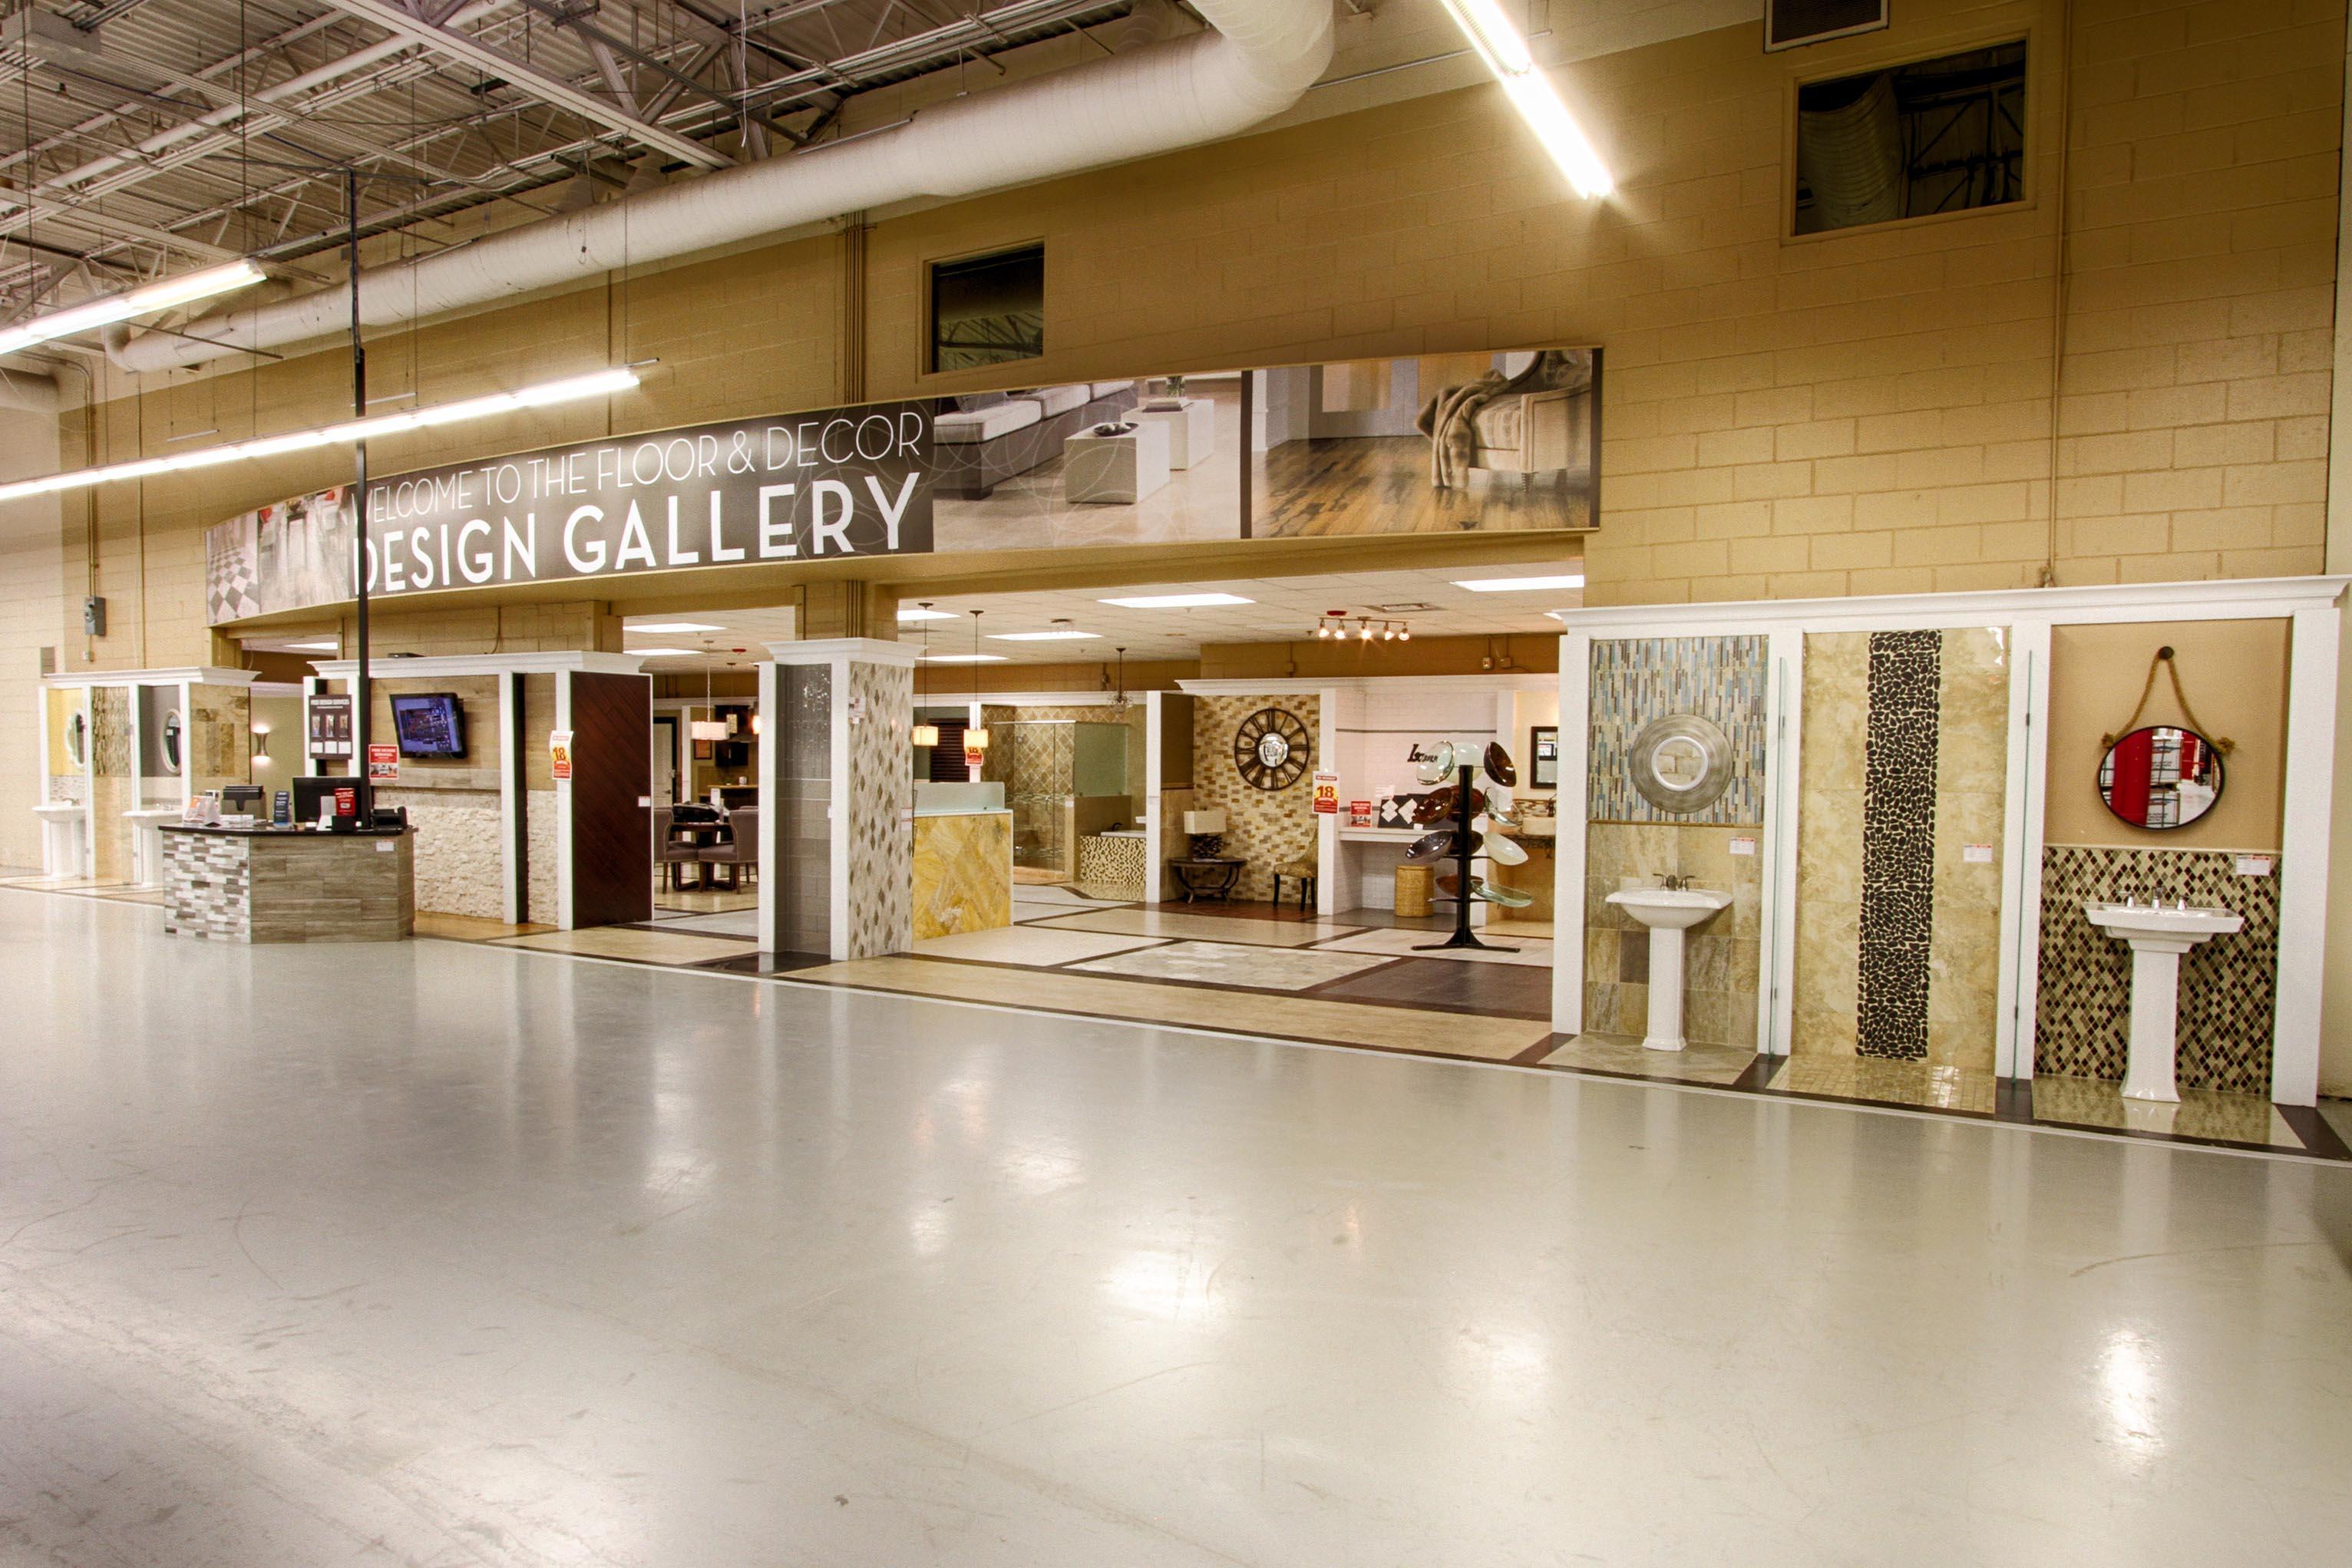 Floor & Decor image 24